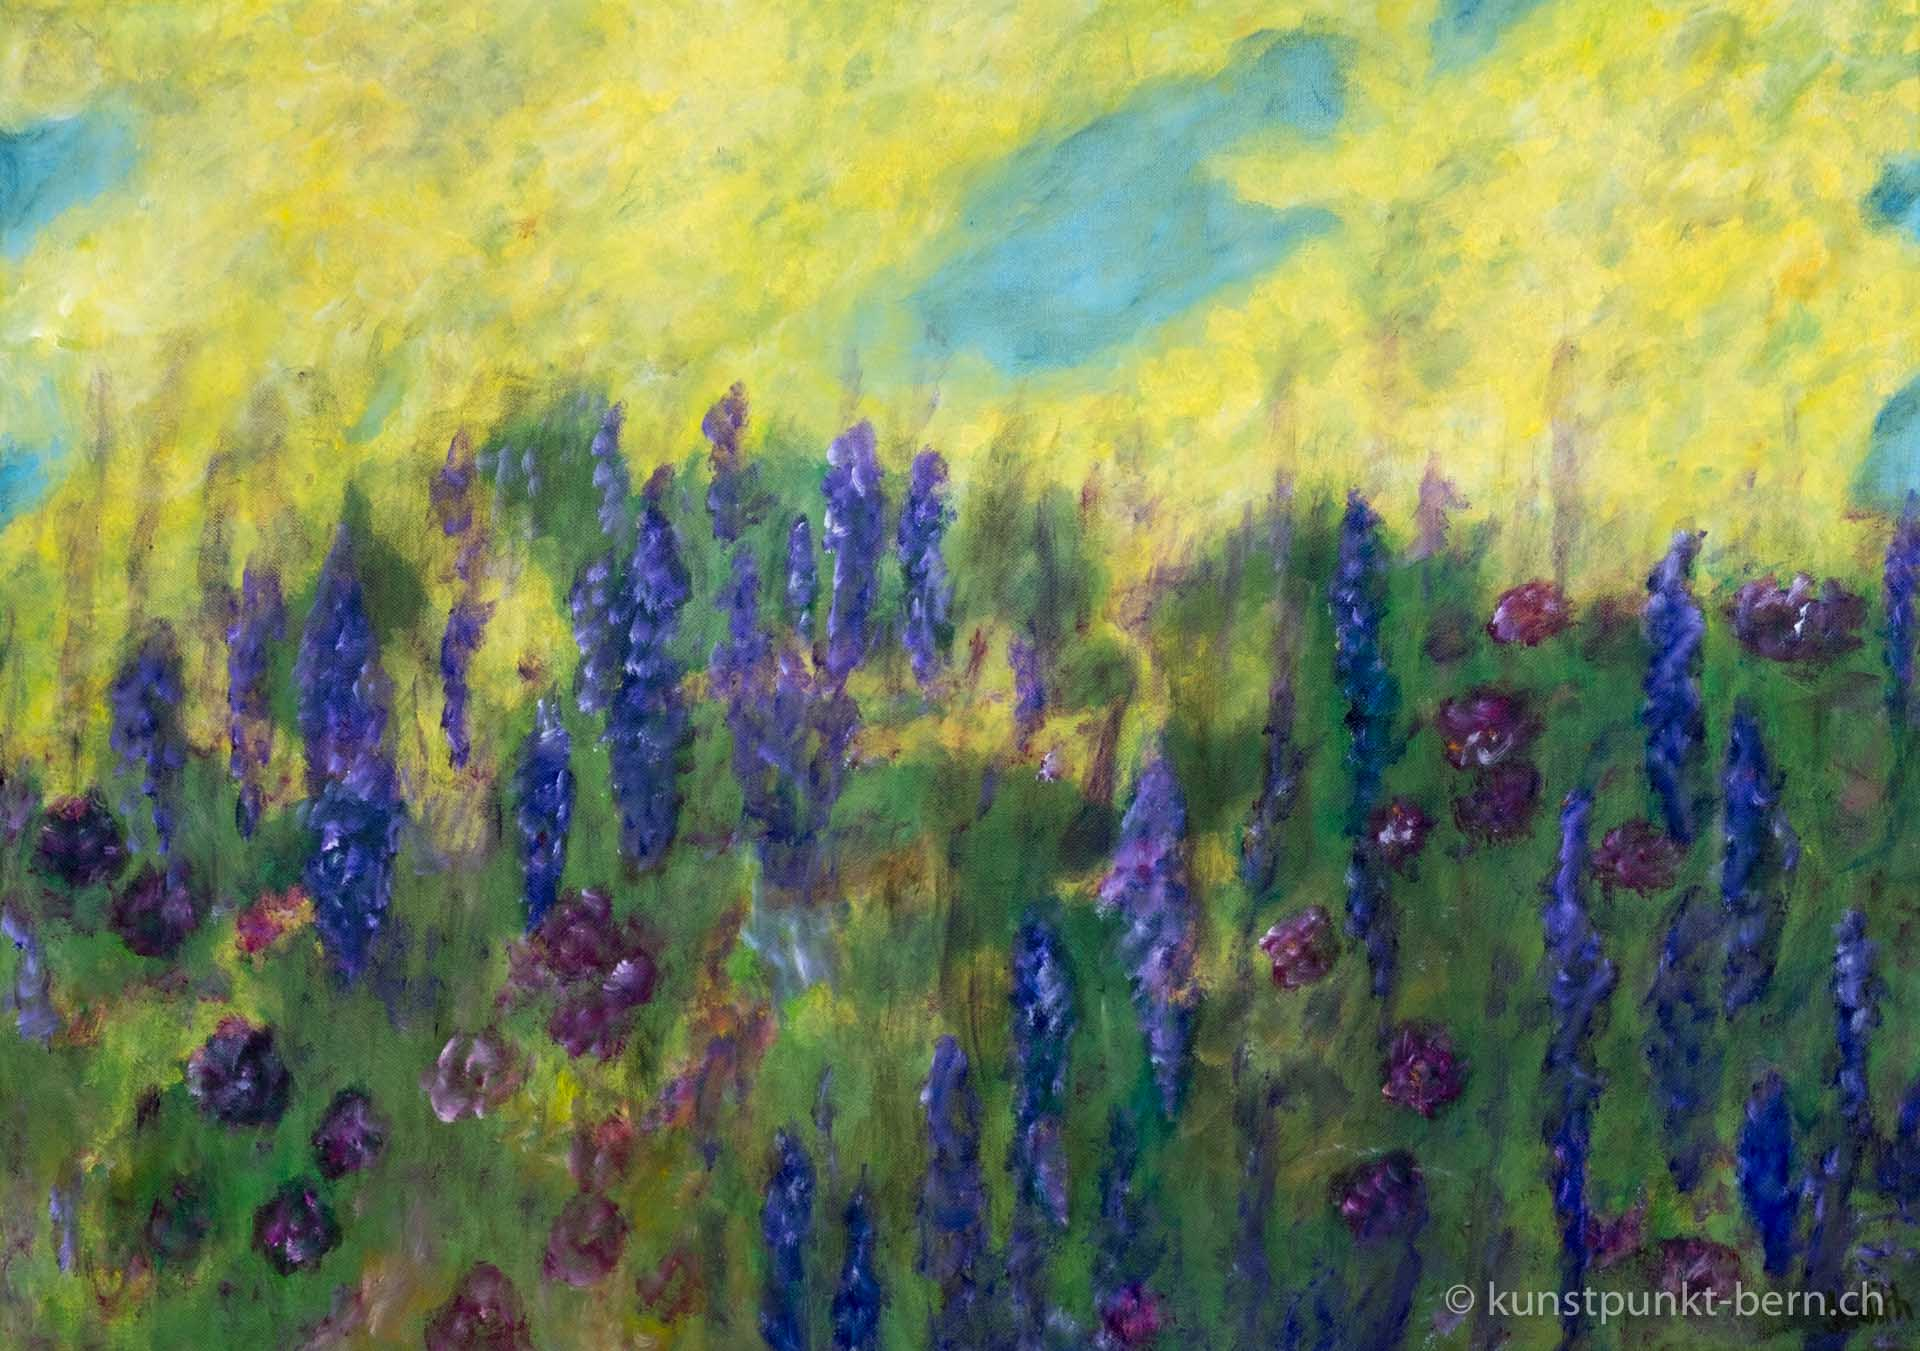 Hiddenseer Blumenwiese - Acryl auf Leinwand - von Judith Kaffka - kunstpunkt-bern.ch